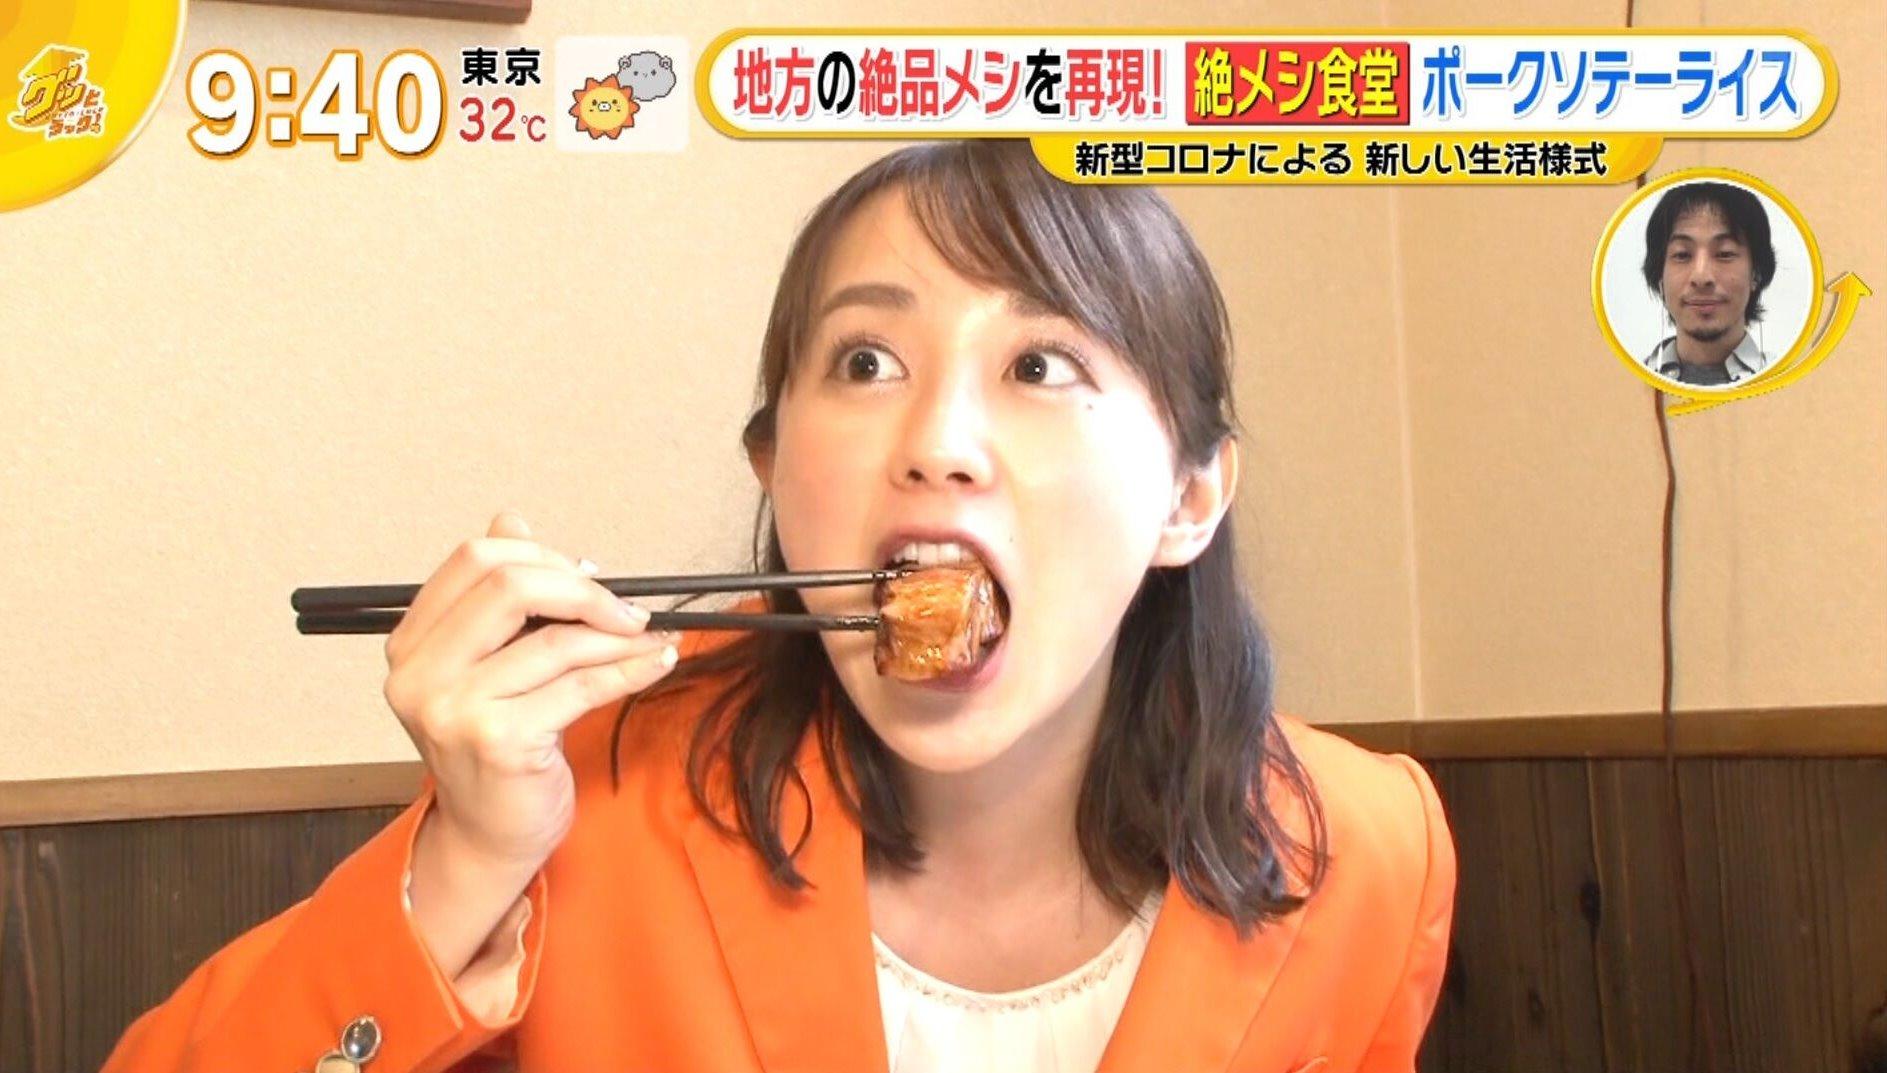 若林有子の食事舌 (24)